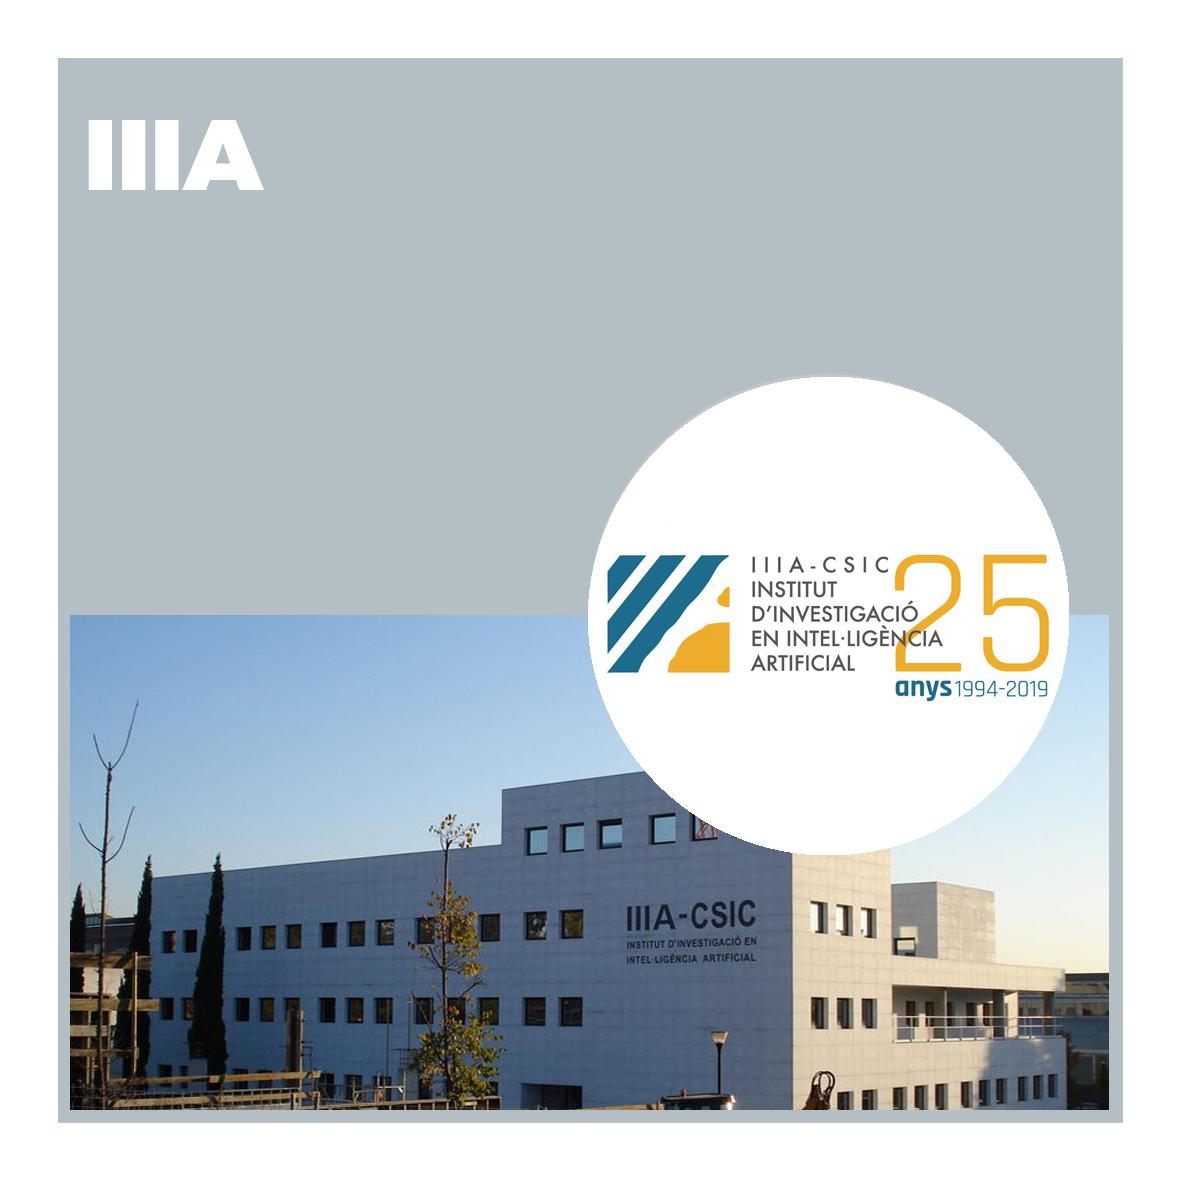 Instituto de Investigación en Inteligencia Artificial (IIIA